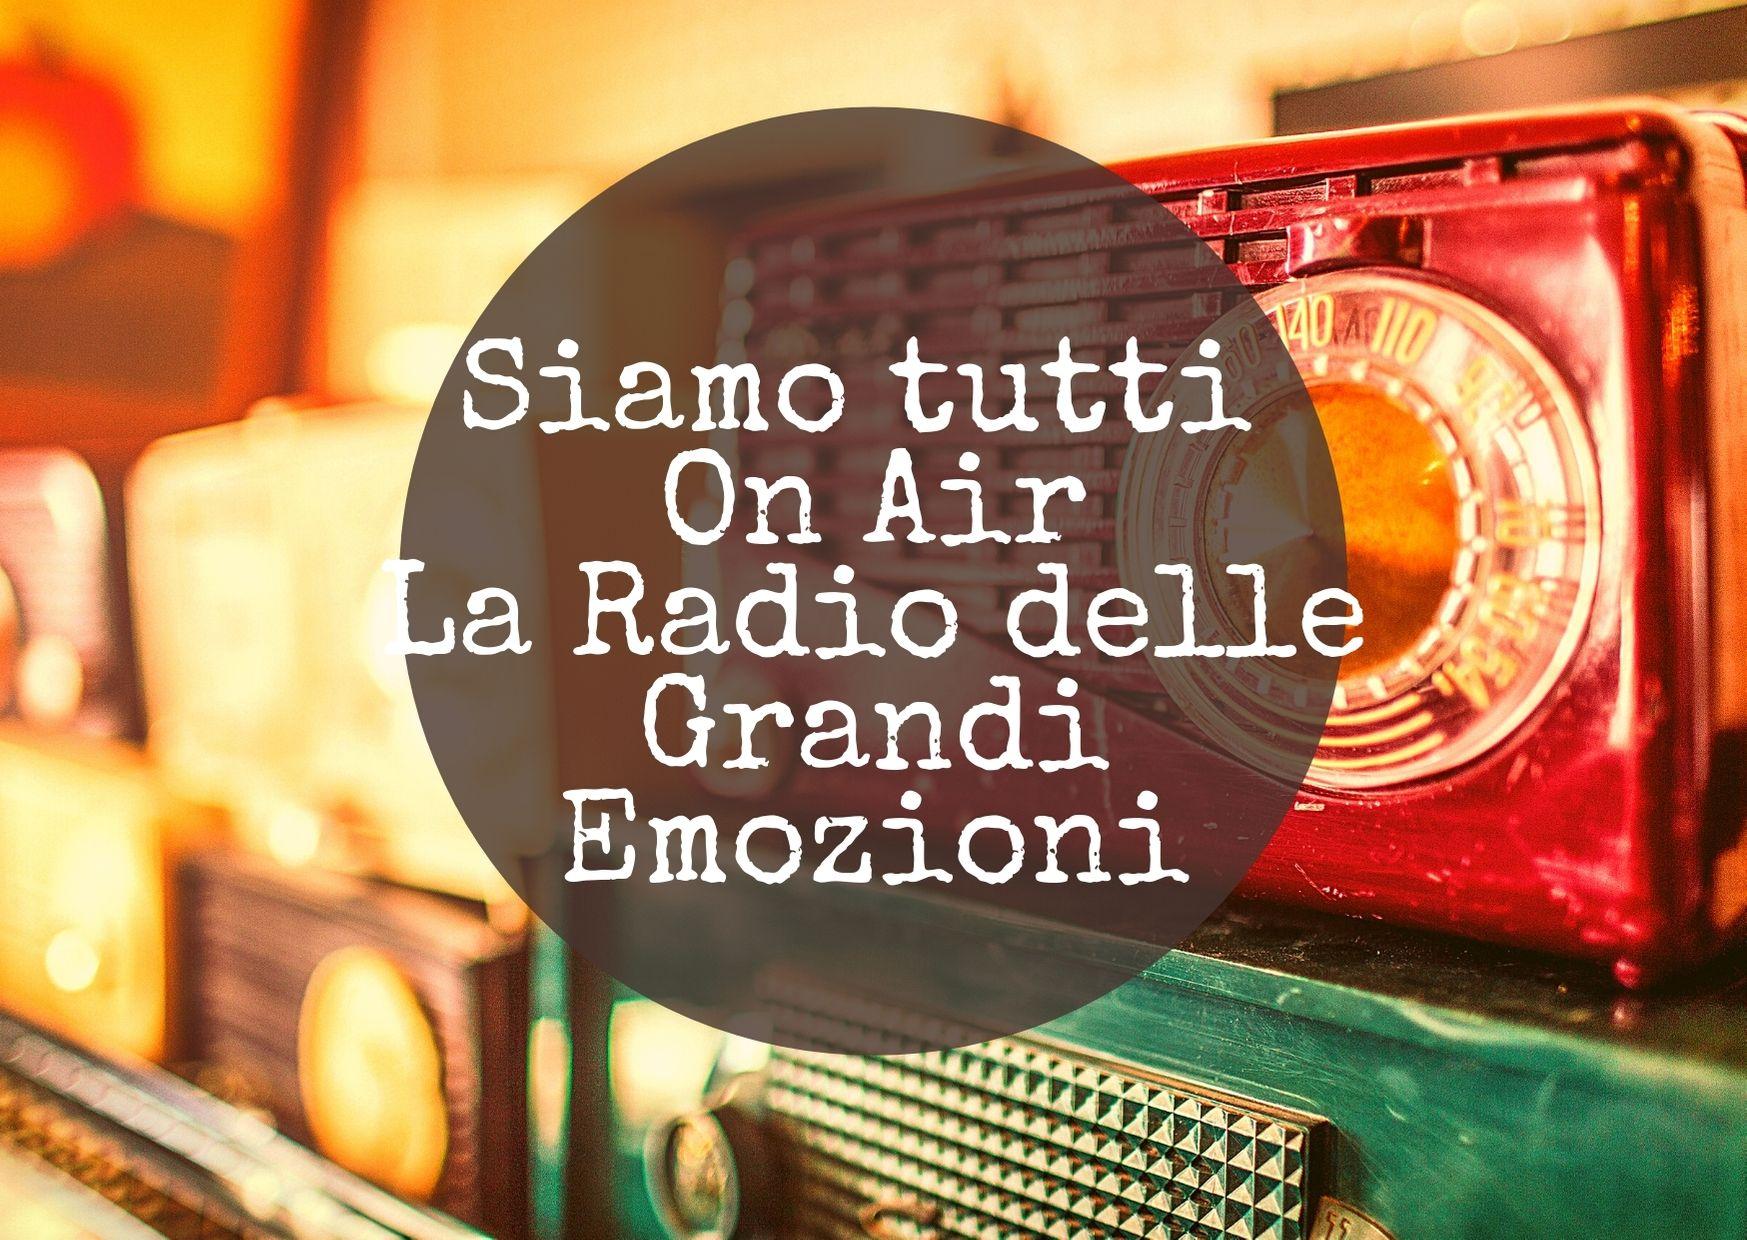 siamo tutti on air la radio delle grandi emozioni